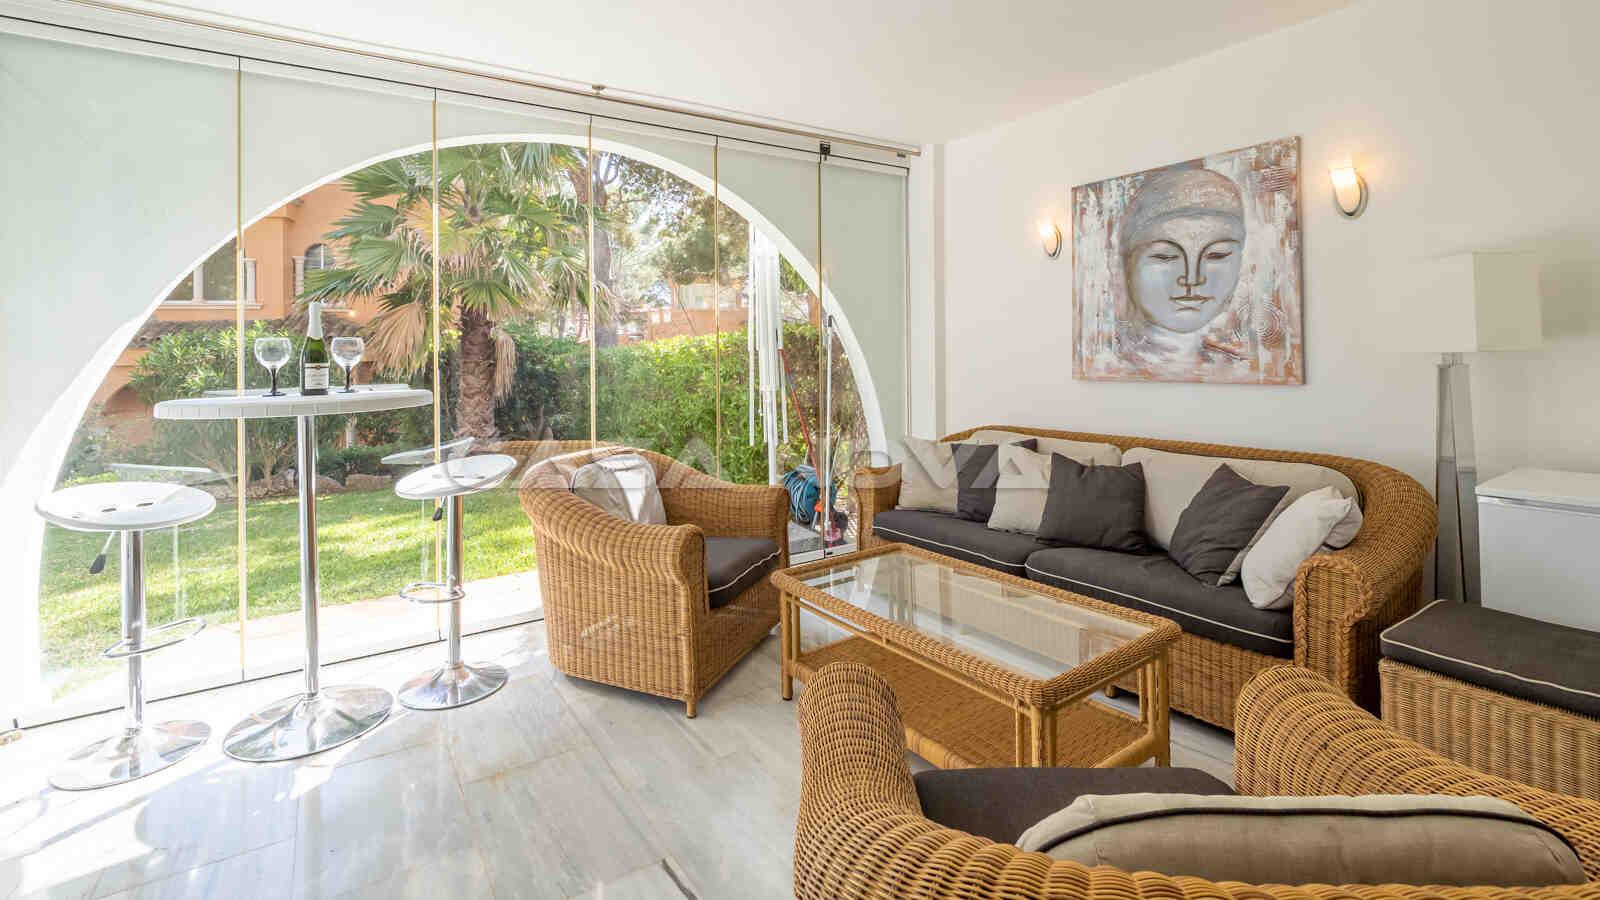 Überdachte Terrasse der Immobilie mit Chillout Lounge